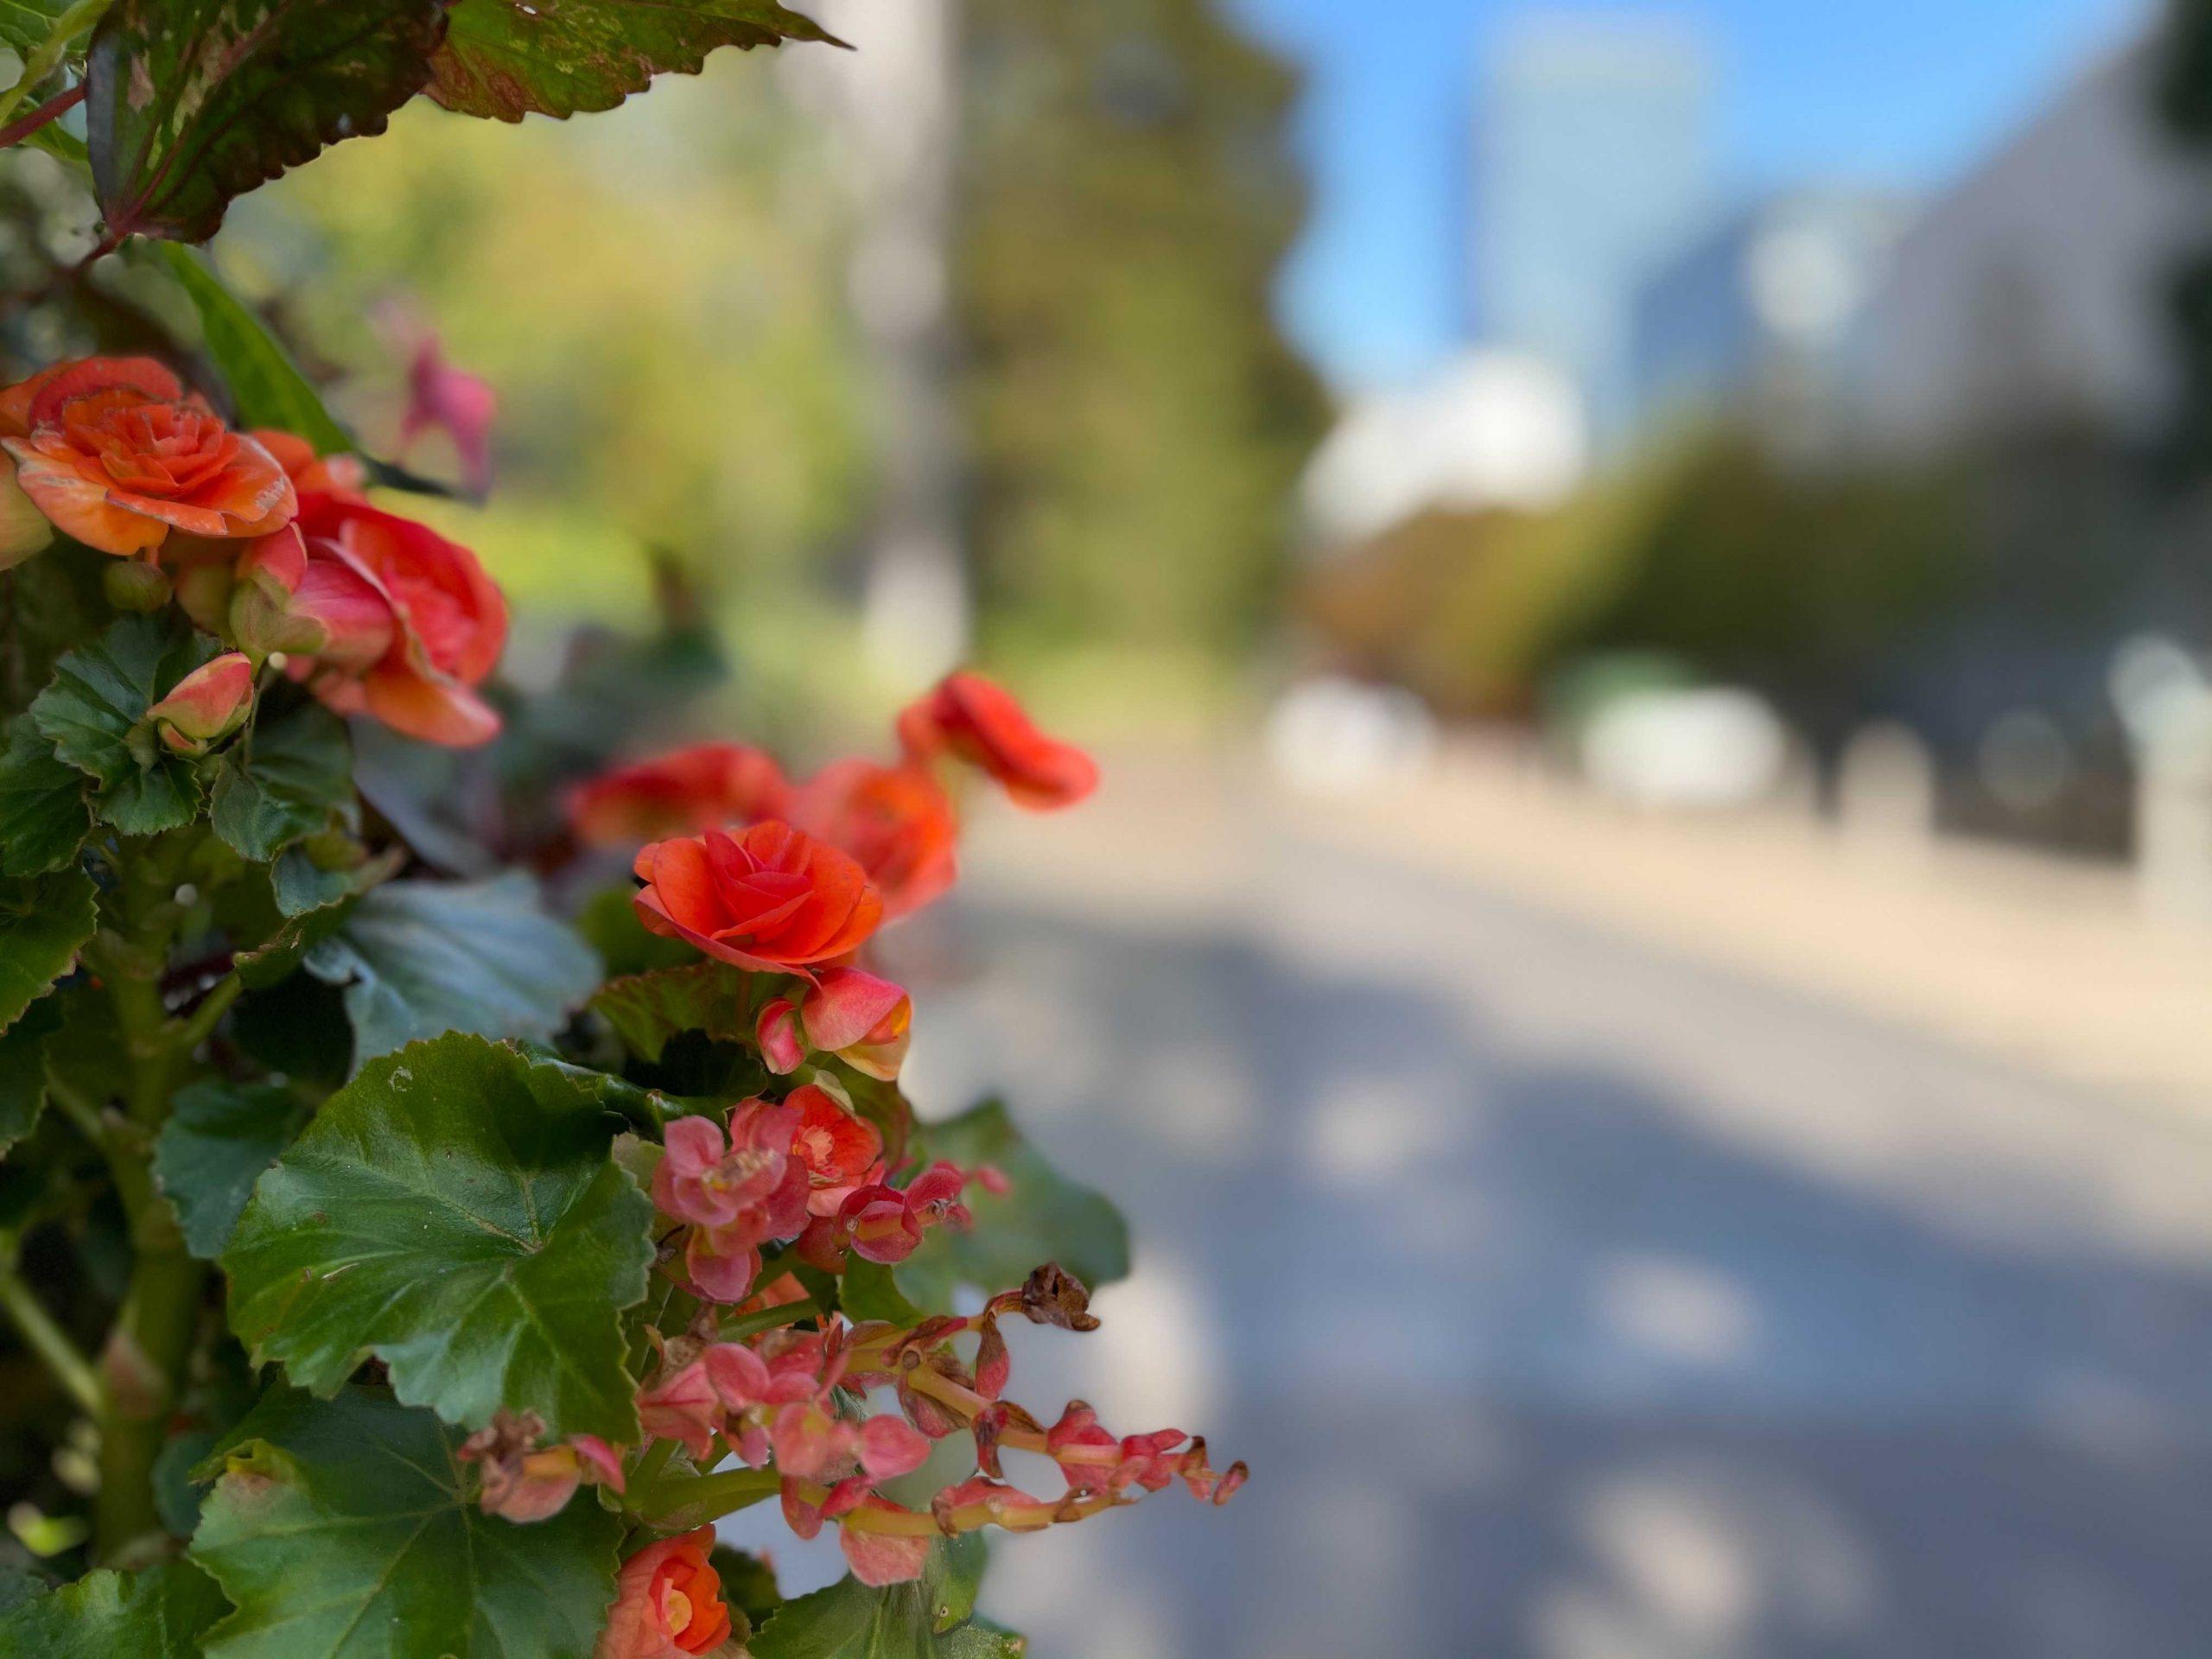 iPhone 12 Pro Maxで撮影した写真